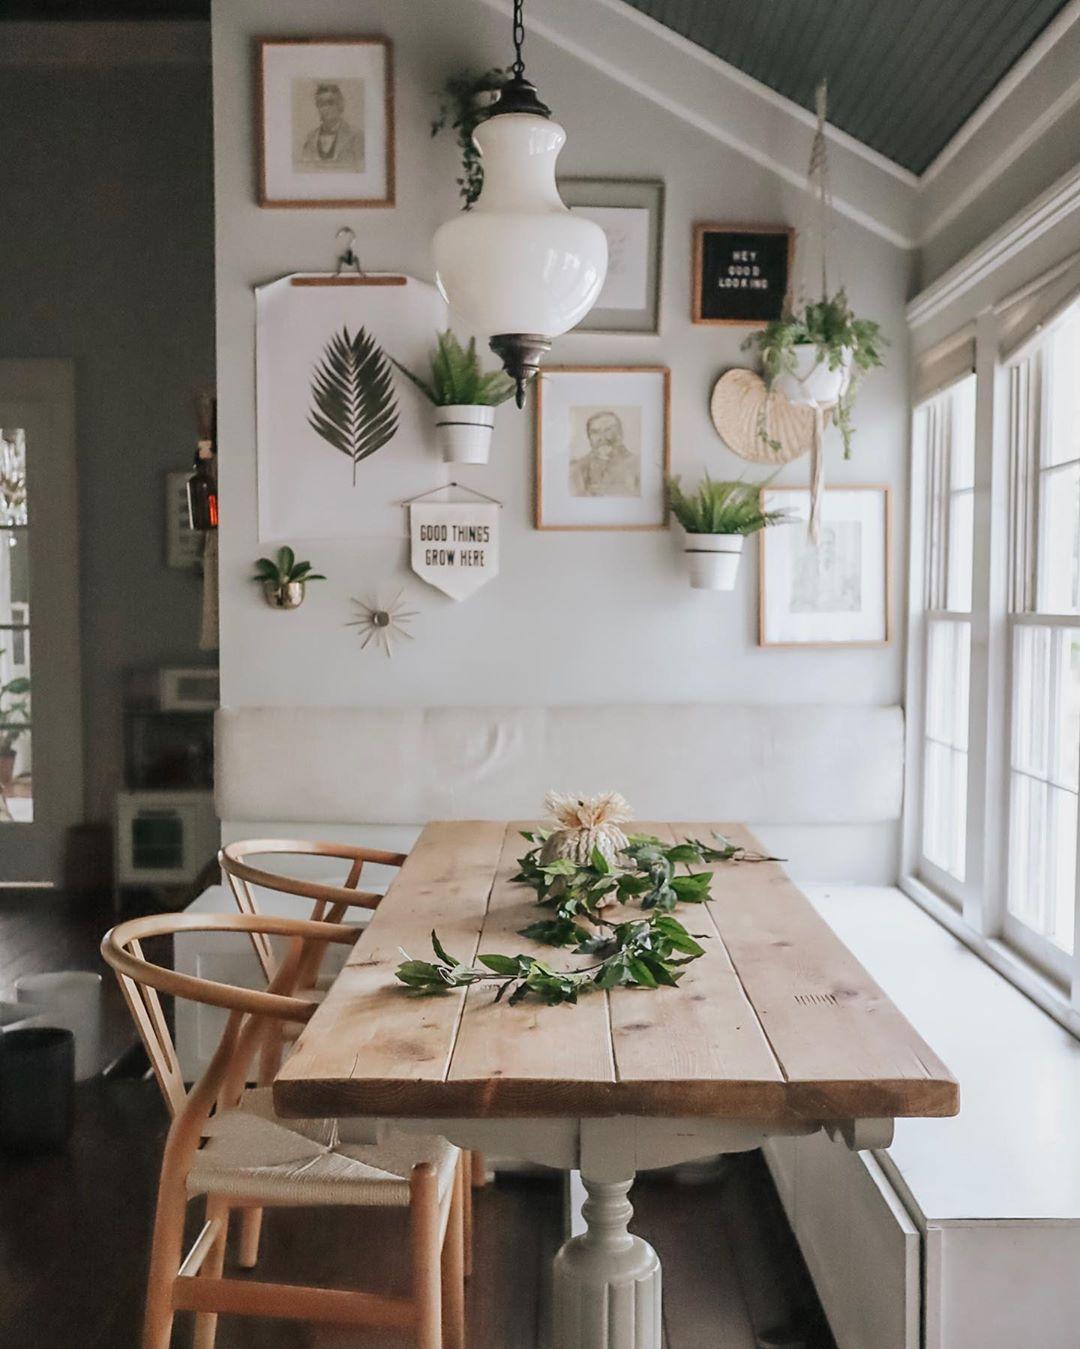 7 Breakfast Nook Ideas that Don't Break the Bank